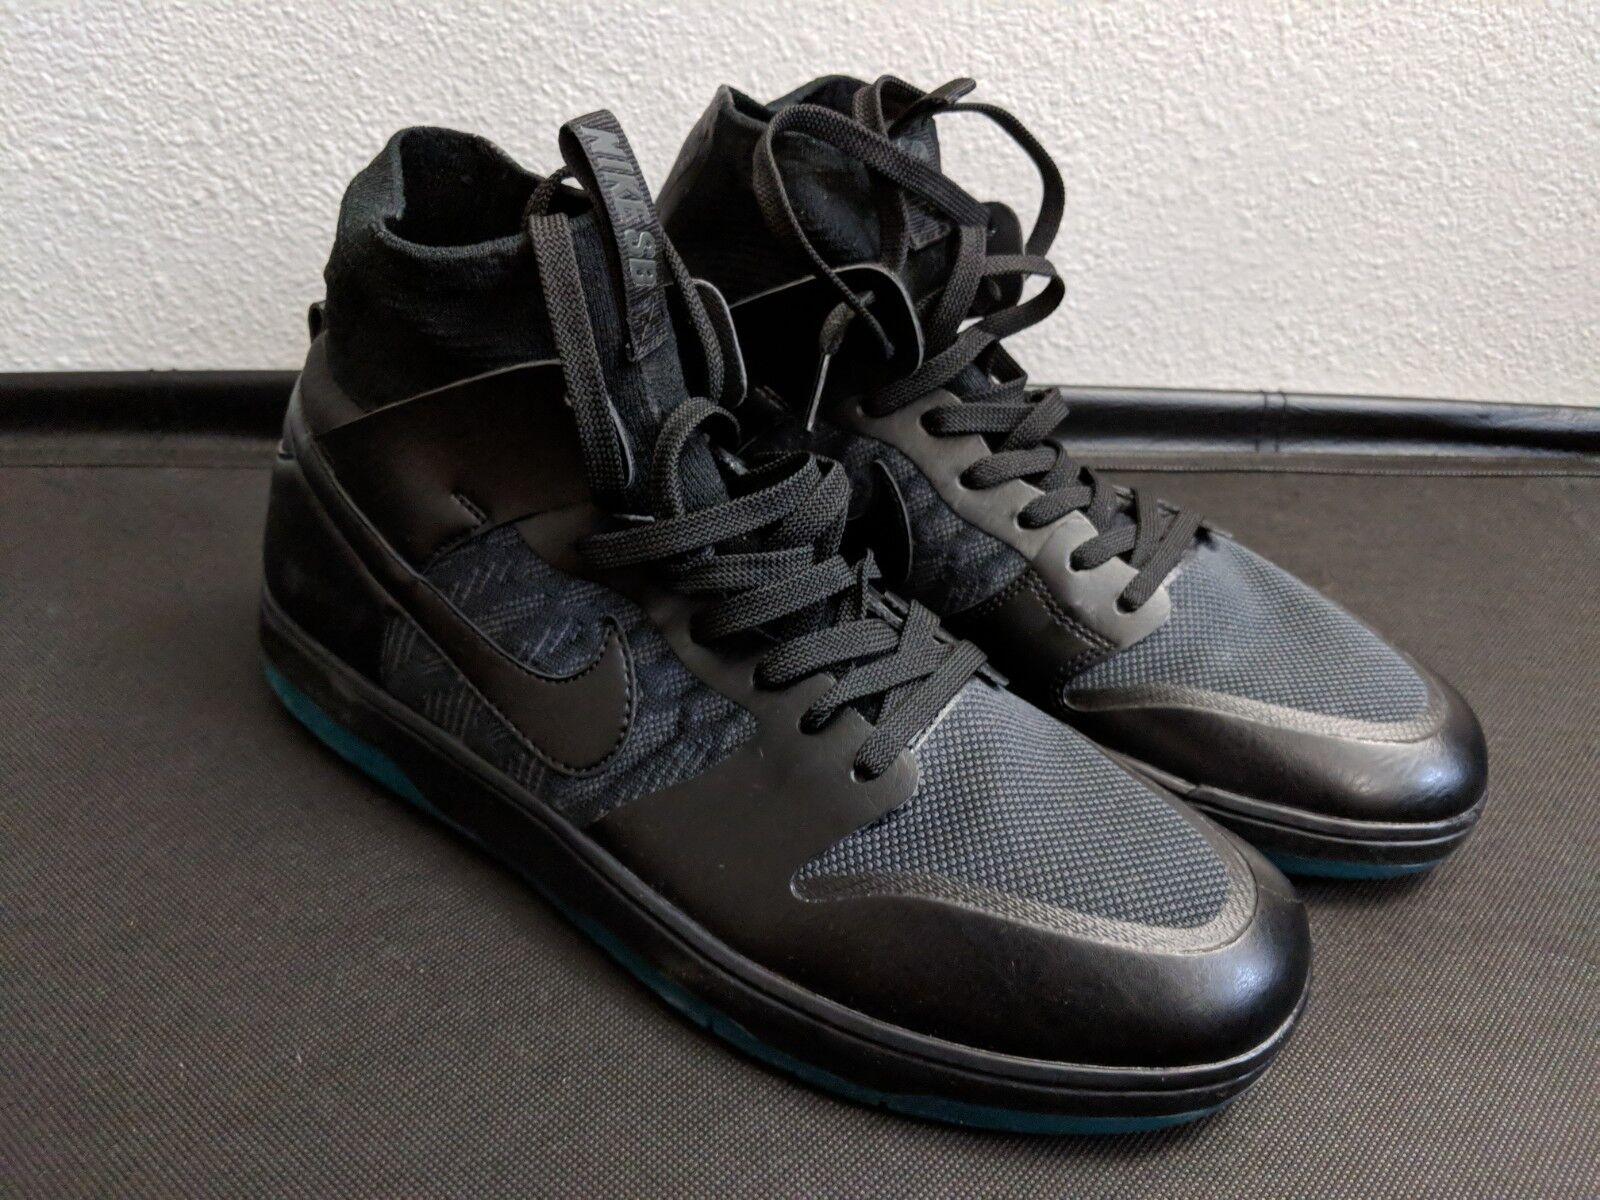 Nike dunk sb - hohe elite männer sz zehn teal schwarze / atomic teal zehn 917567-003 msrp 130 3d1a48